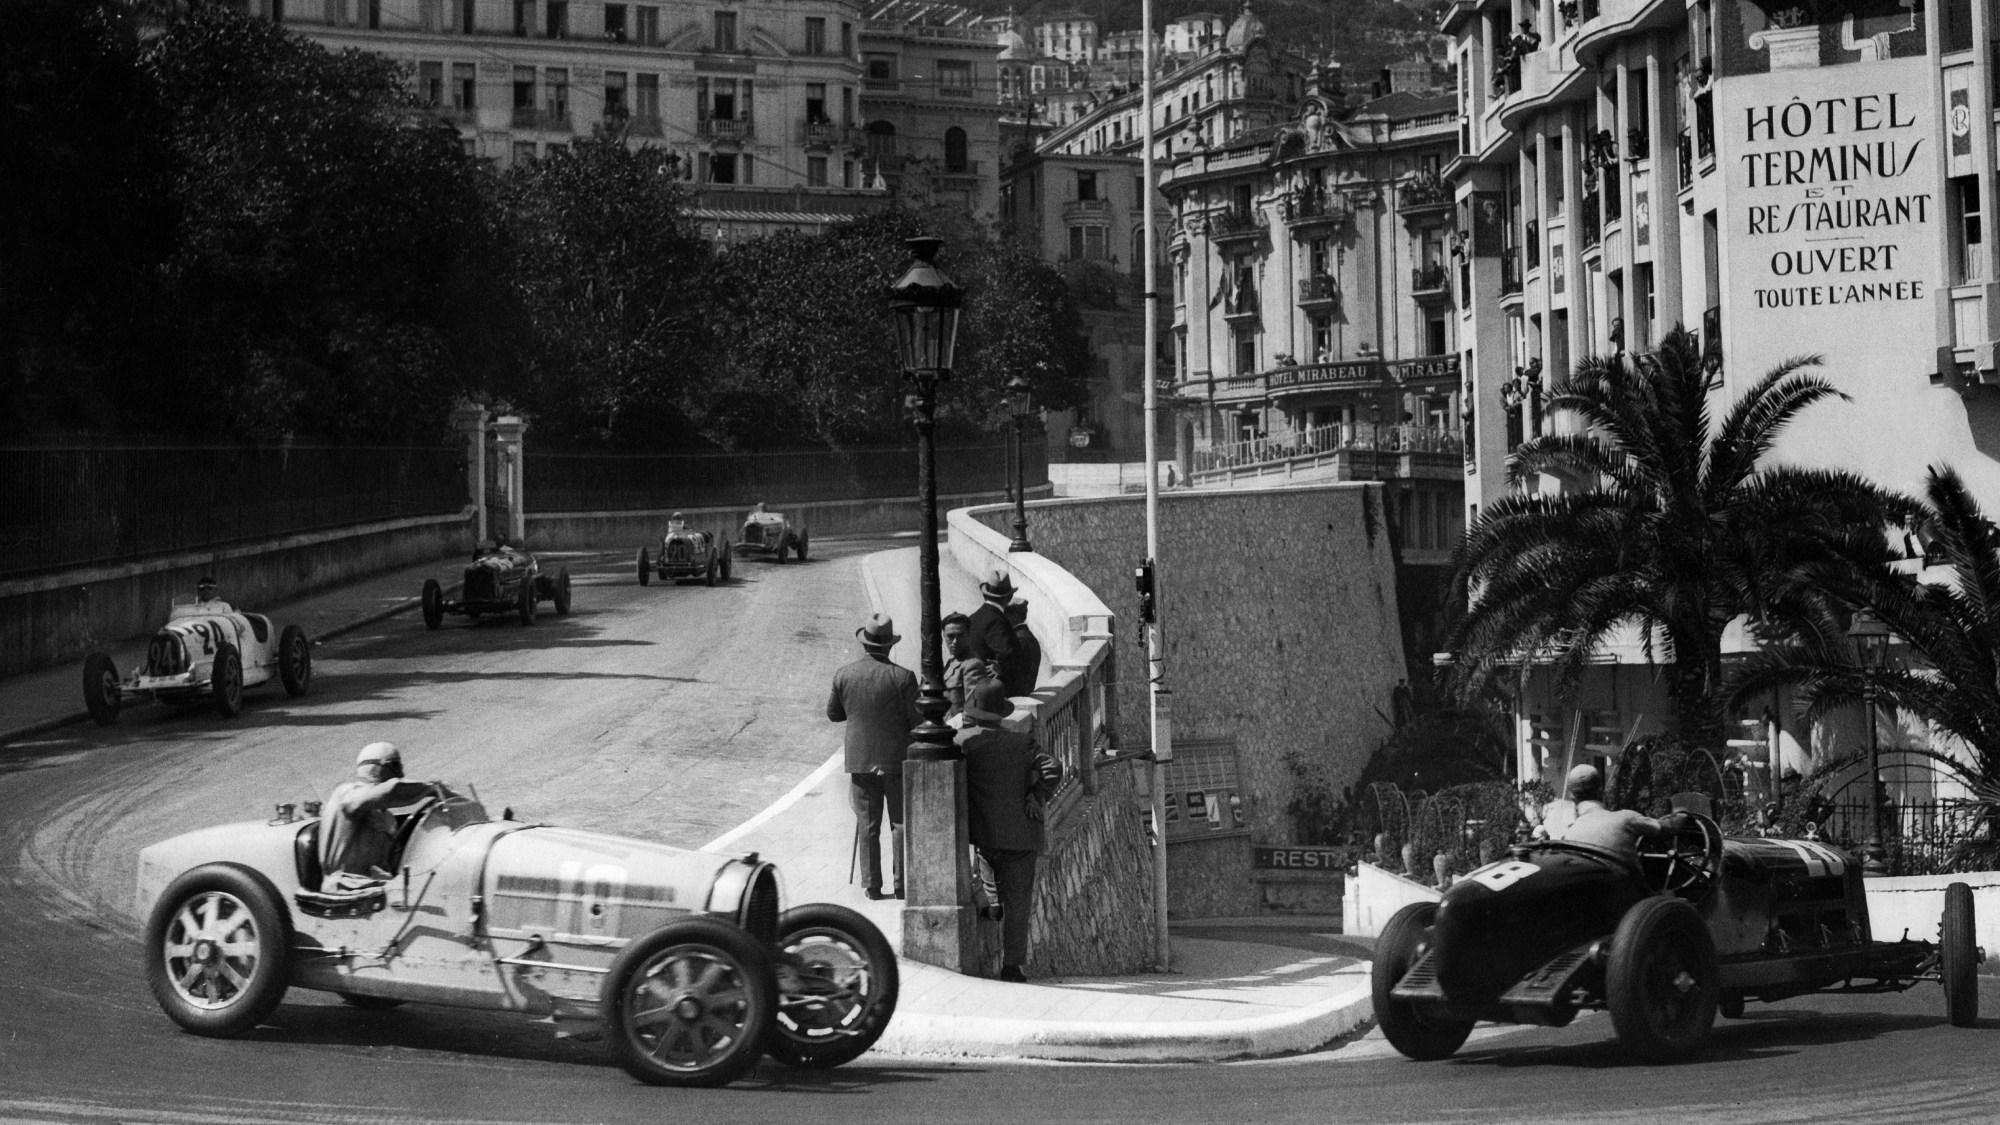 1933 Monaco Grand Prix, Achille Varzi